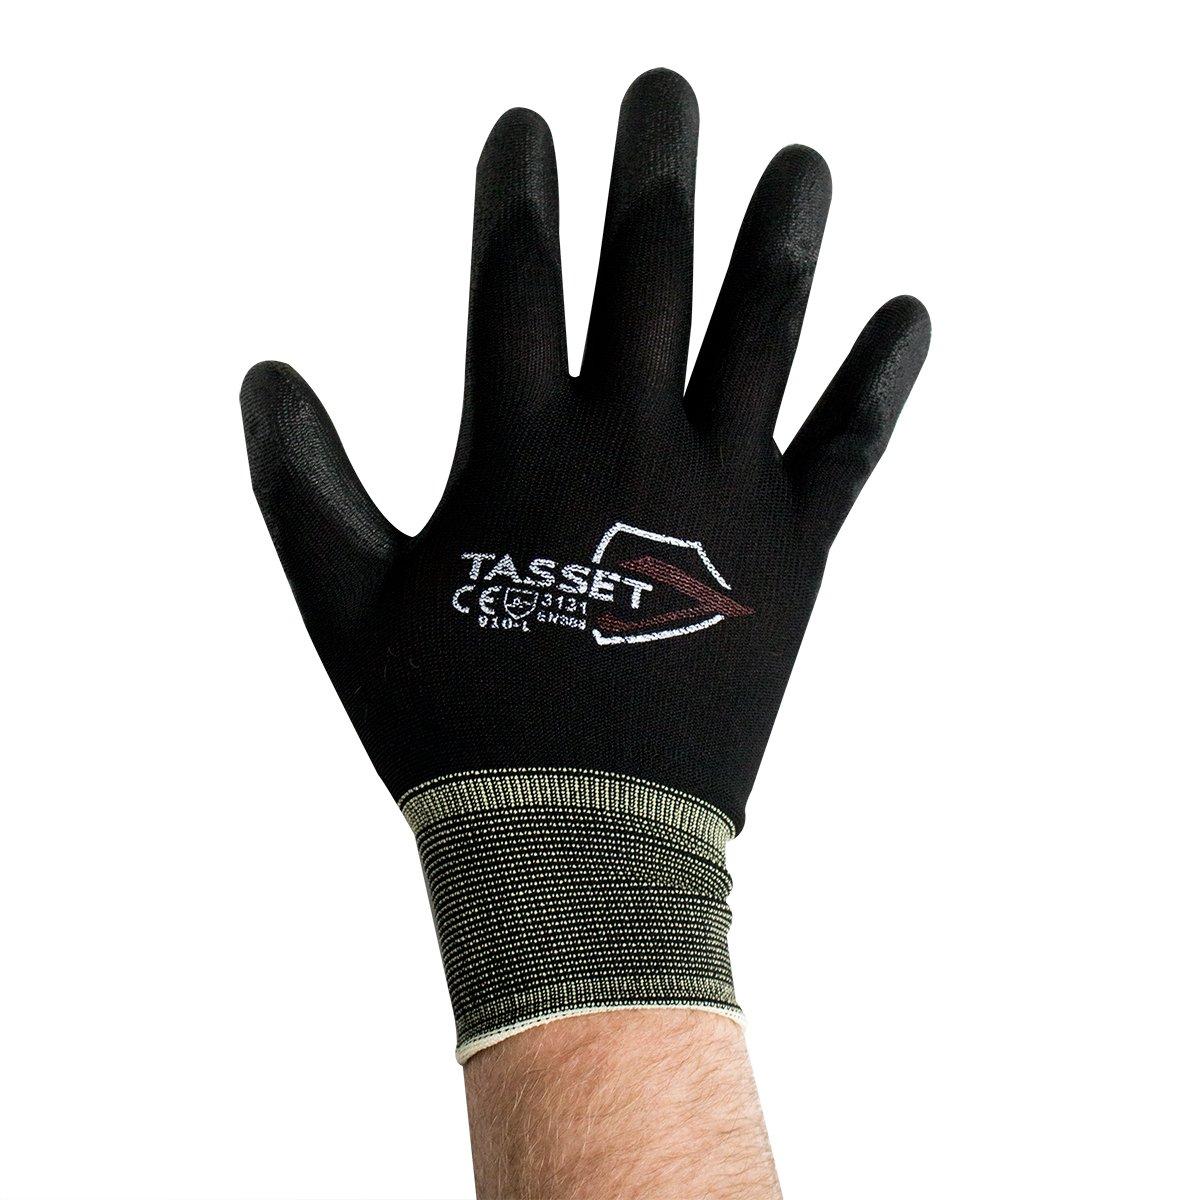 UltraSource Polyurethane Coated Nylon Gloves, Large, Black (Pair)